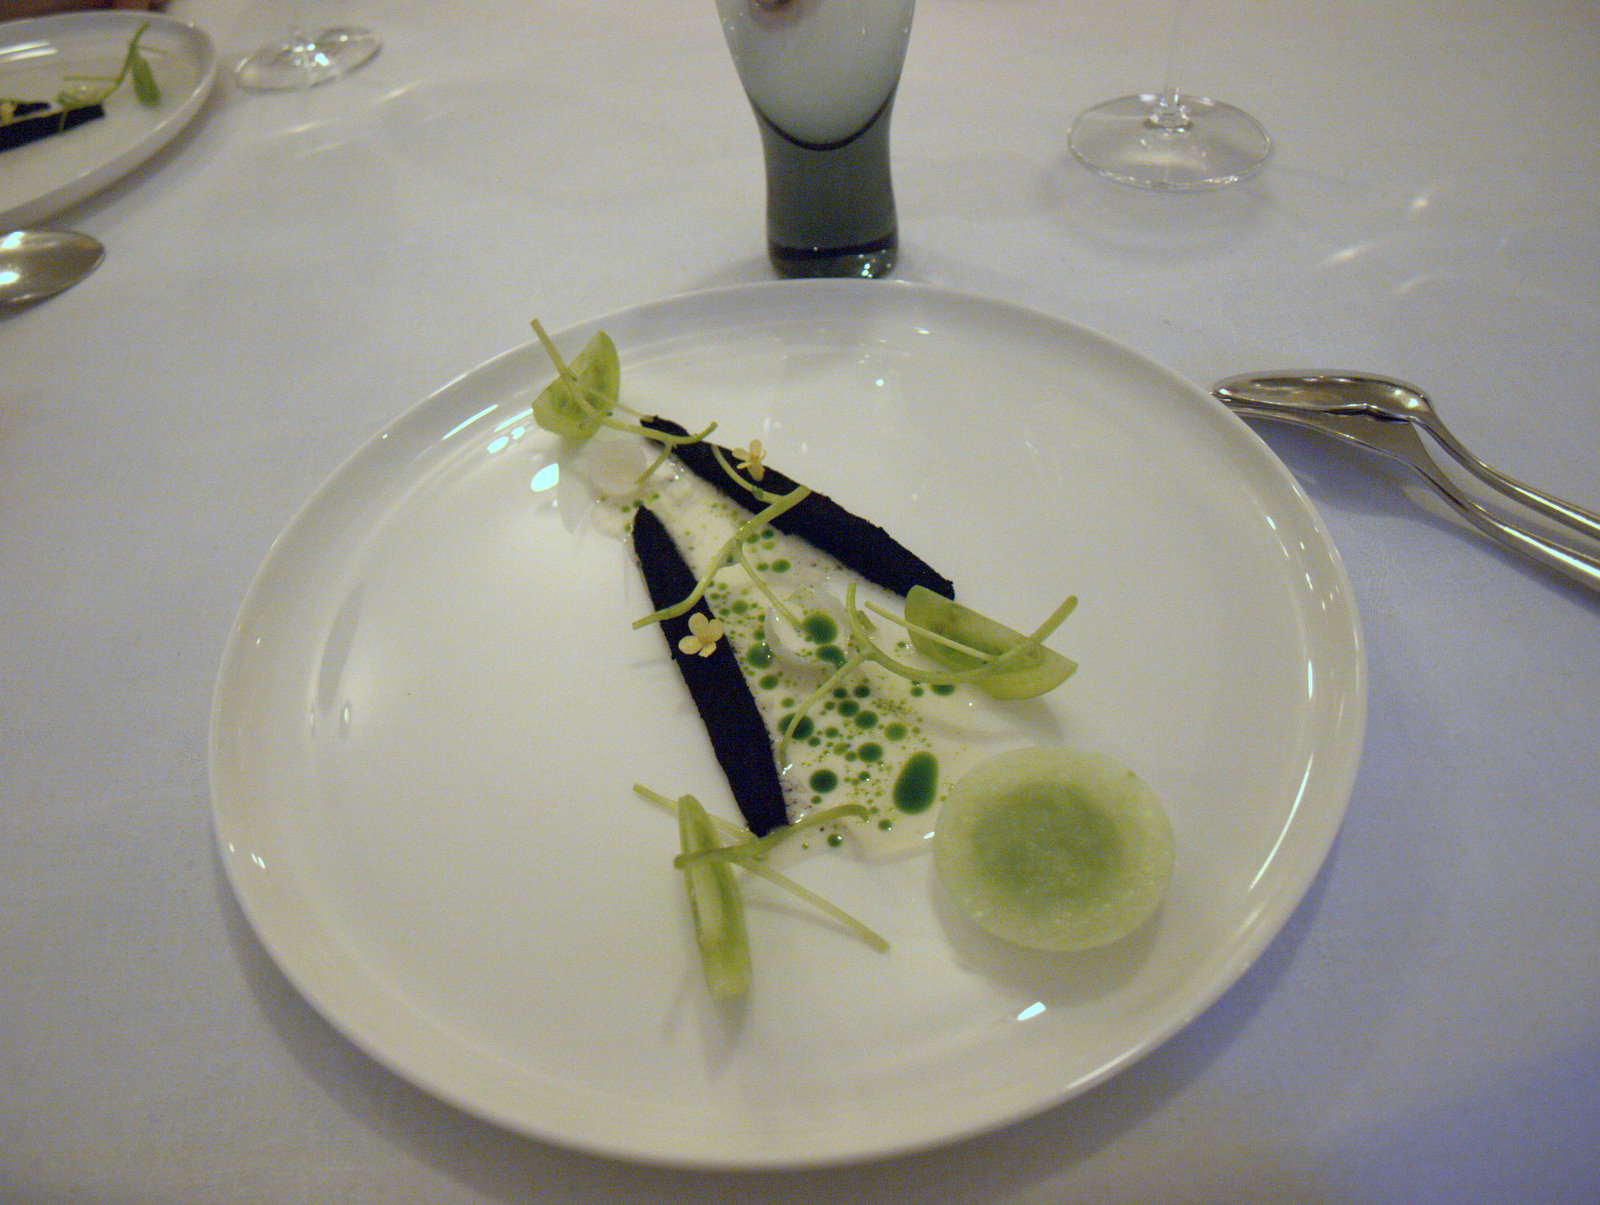 Makrel gravet i høaske med grønne tomater og dild